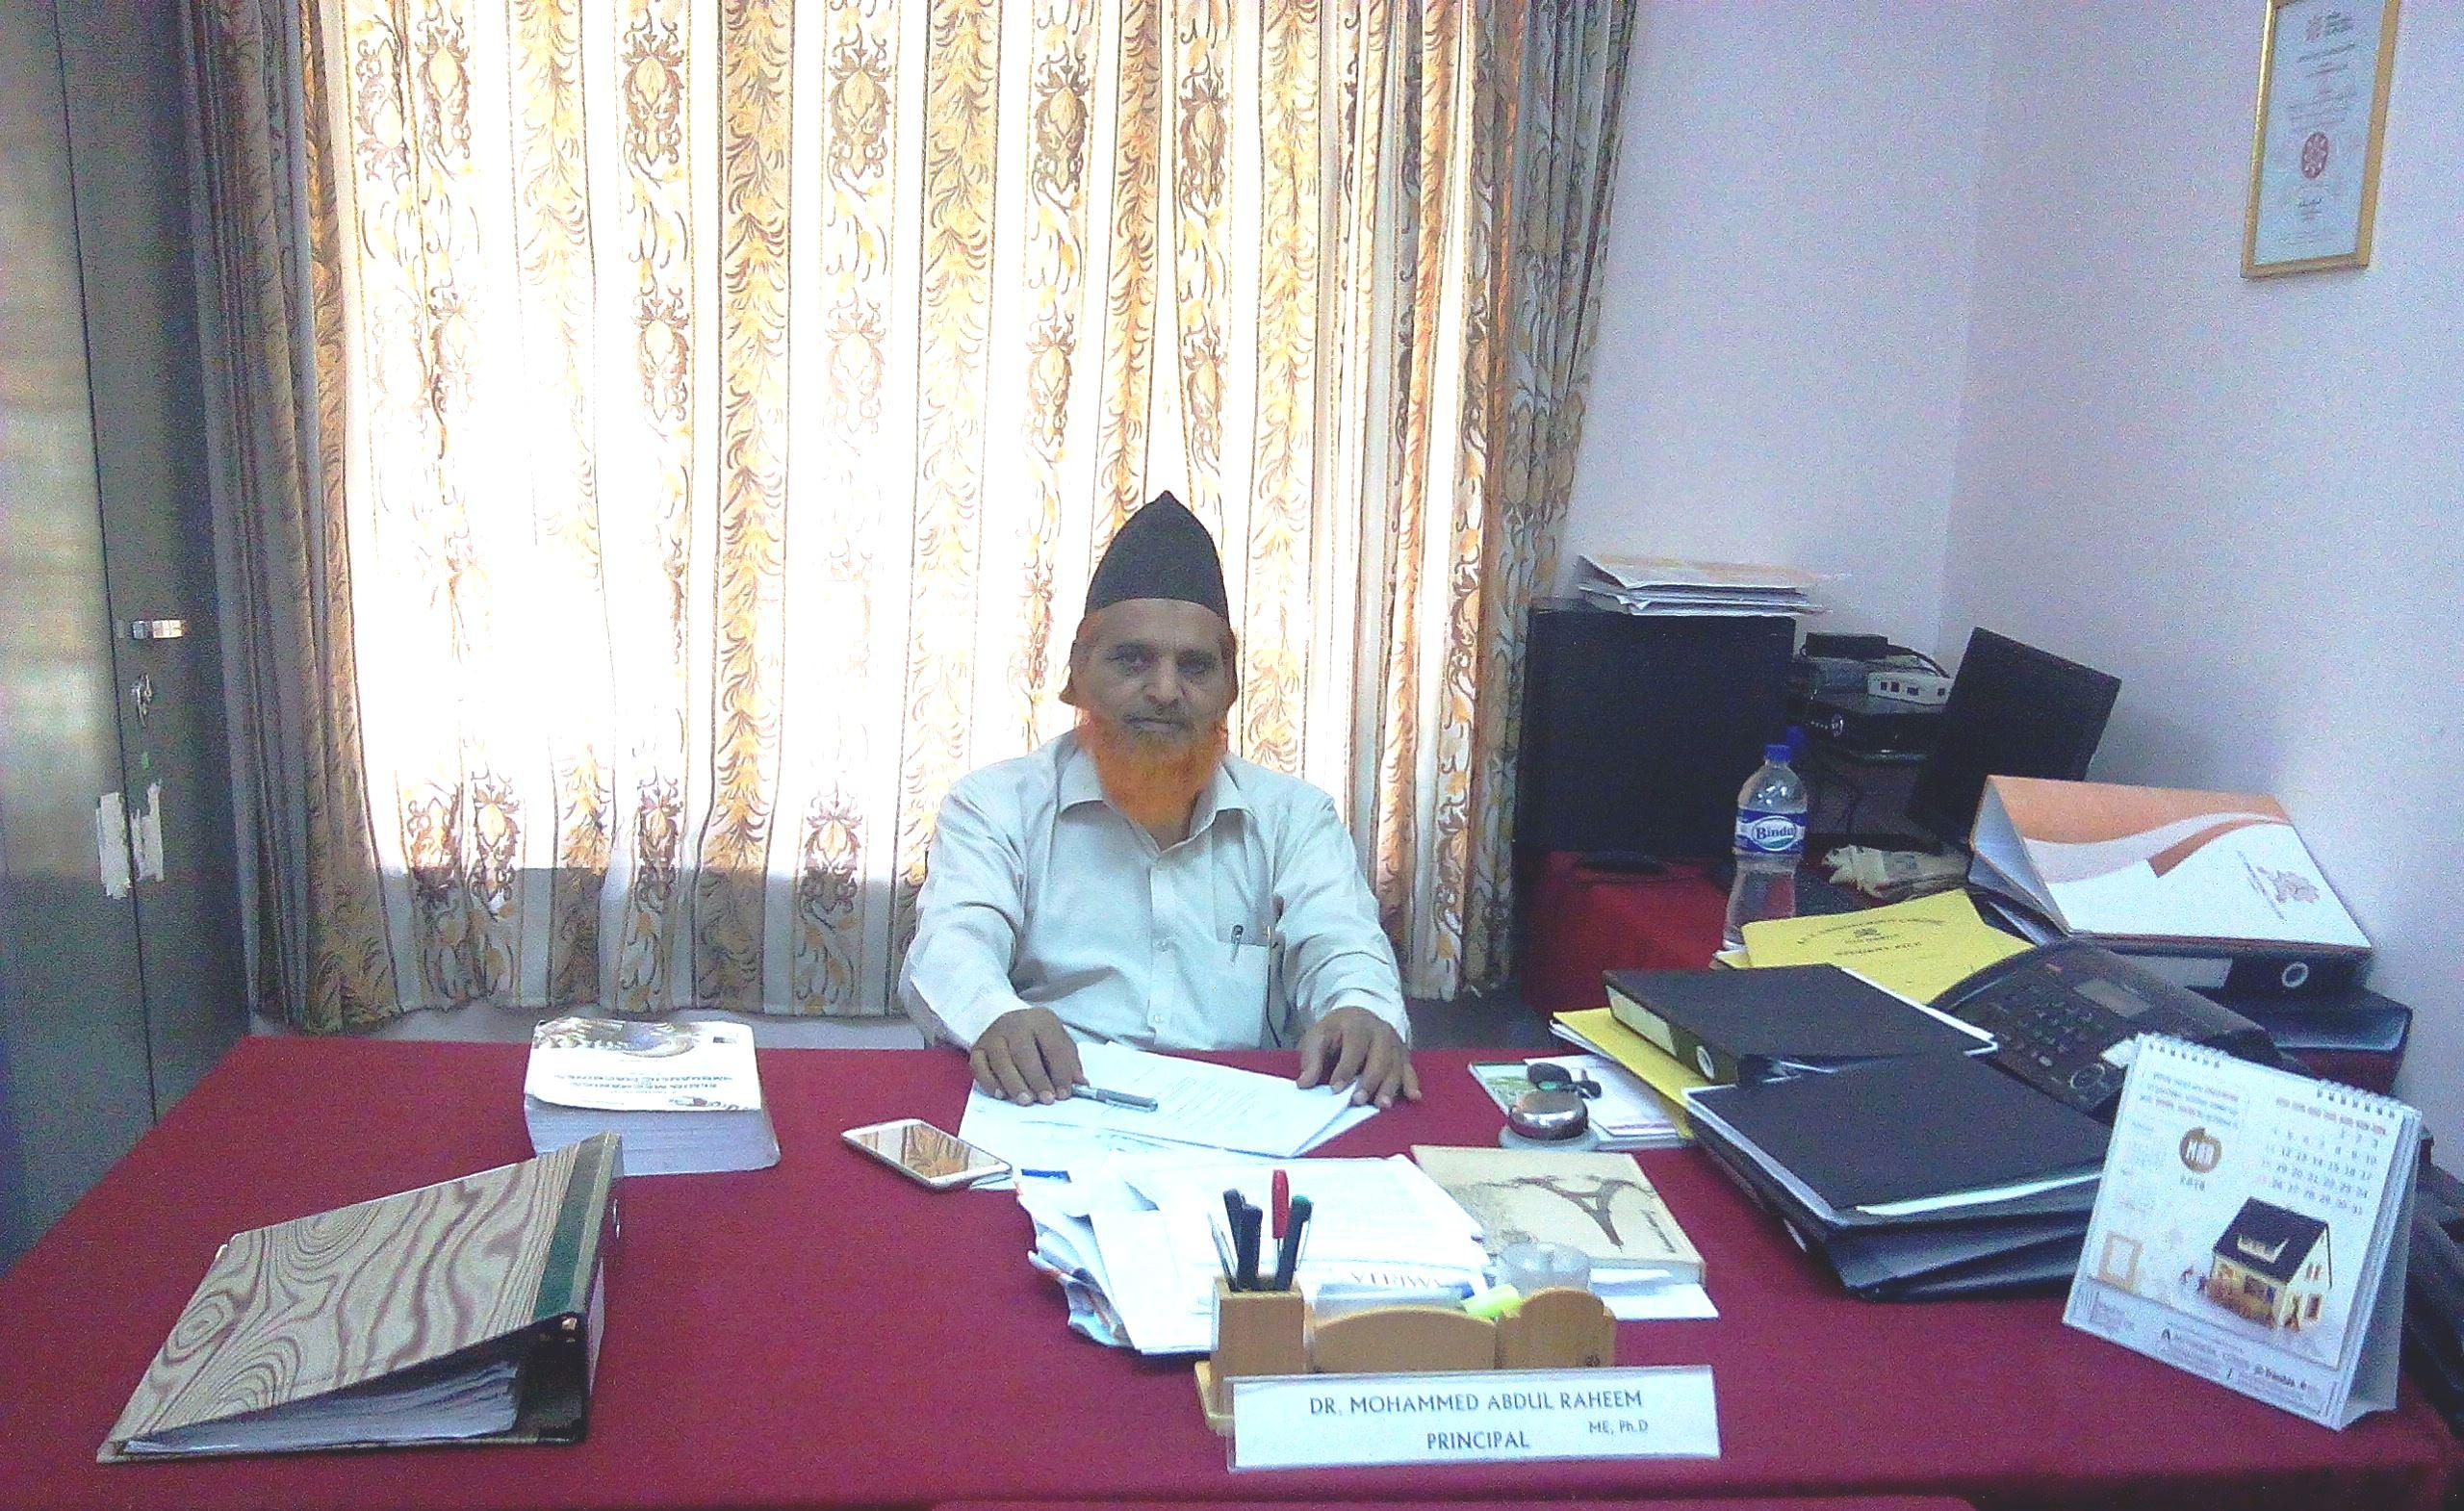 Dr. Mohammed Abdul Raheem